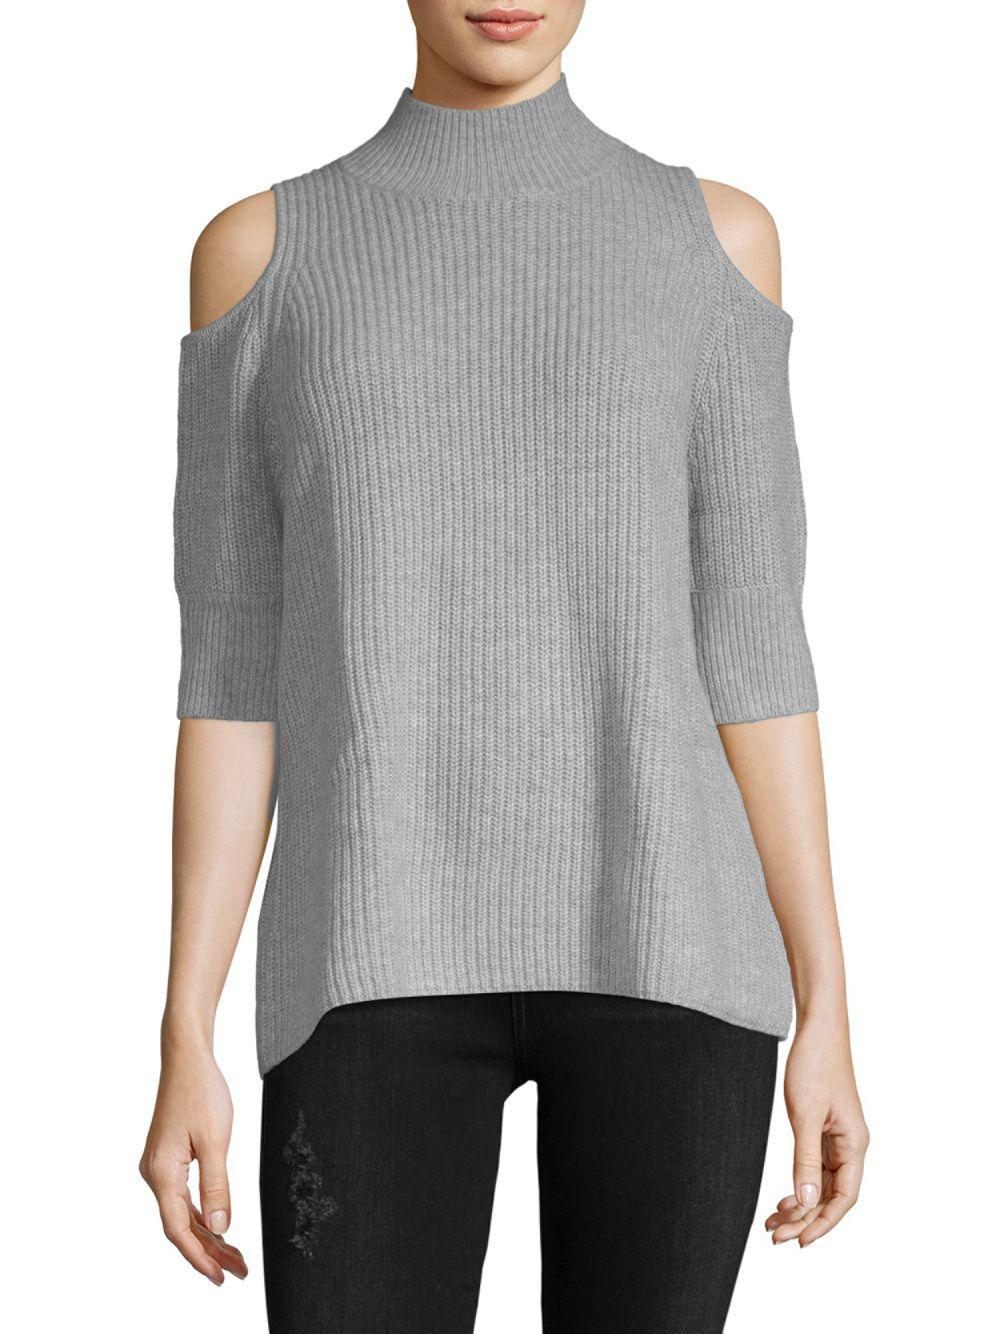 4ebebee6c212 Zoe Jordan Turtleneck Cold-shoulder Sweater in Gray - Save 23% - Lyst